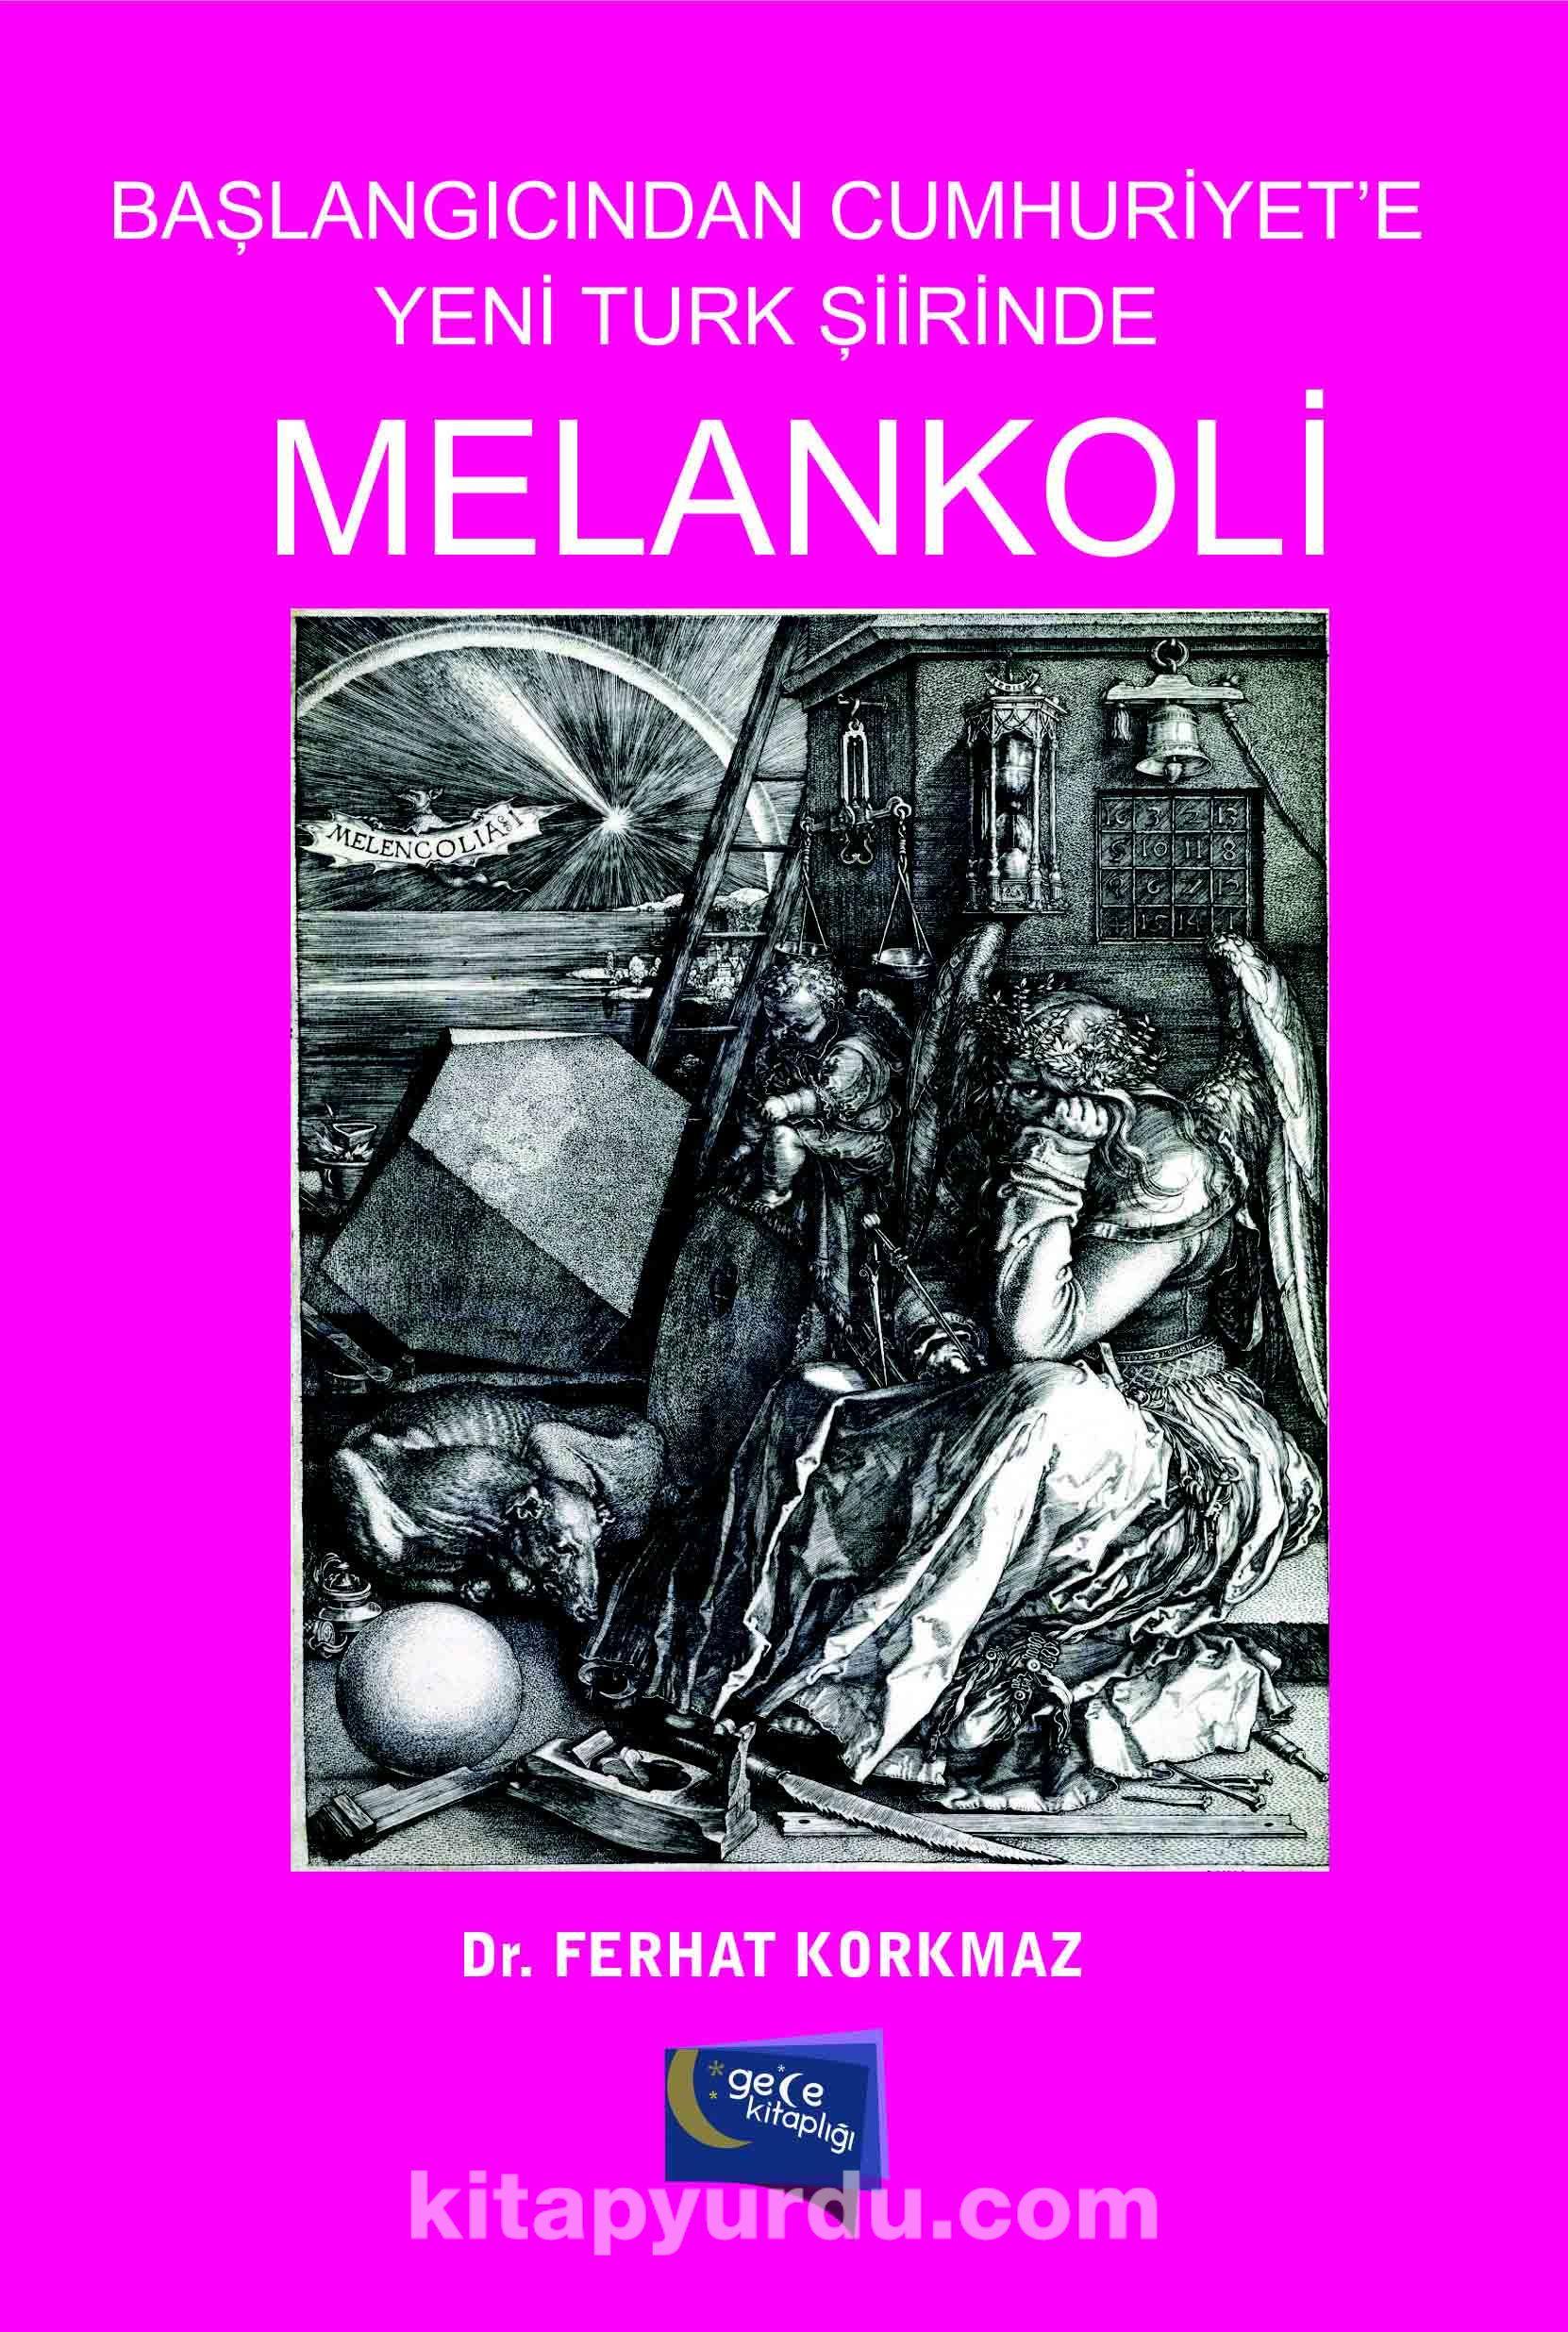 Başlangıcından Cumhuriyet'e Yeni Türk Şiirinde Melankoli - Ferhat Korkmaz pdf epub